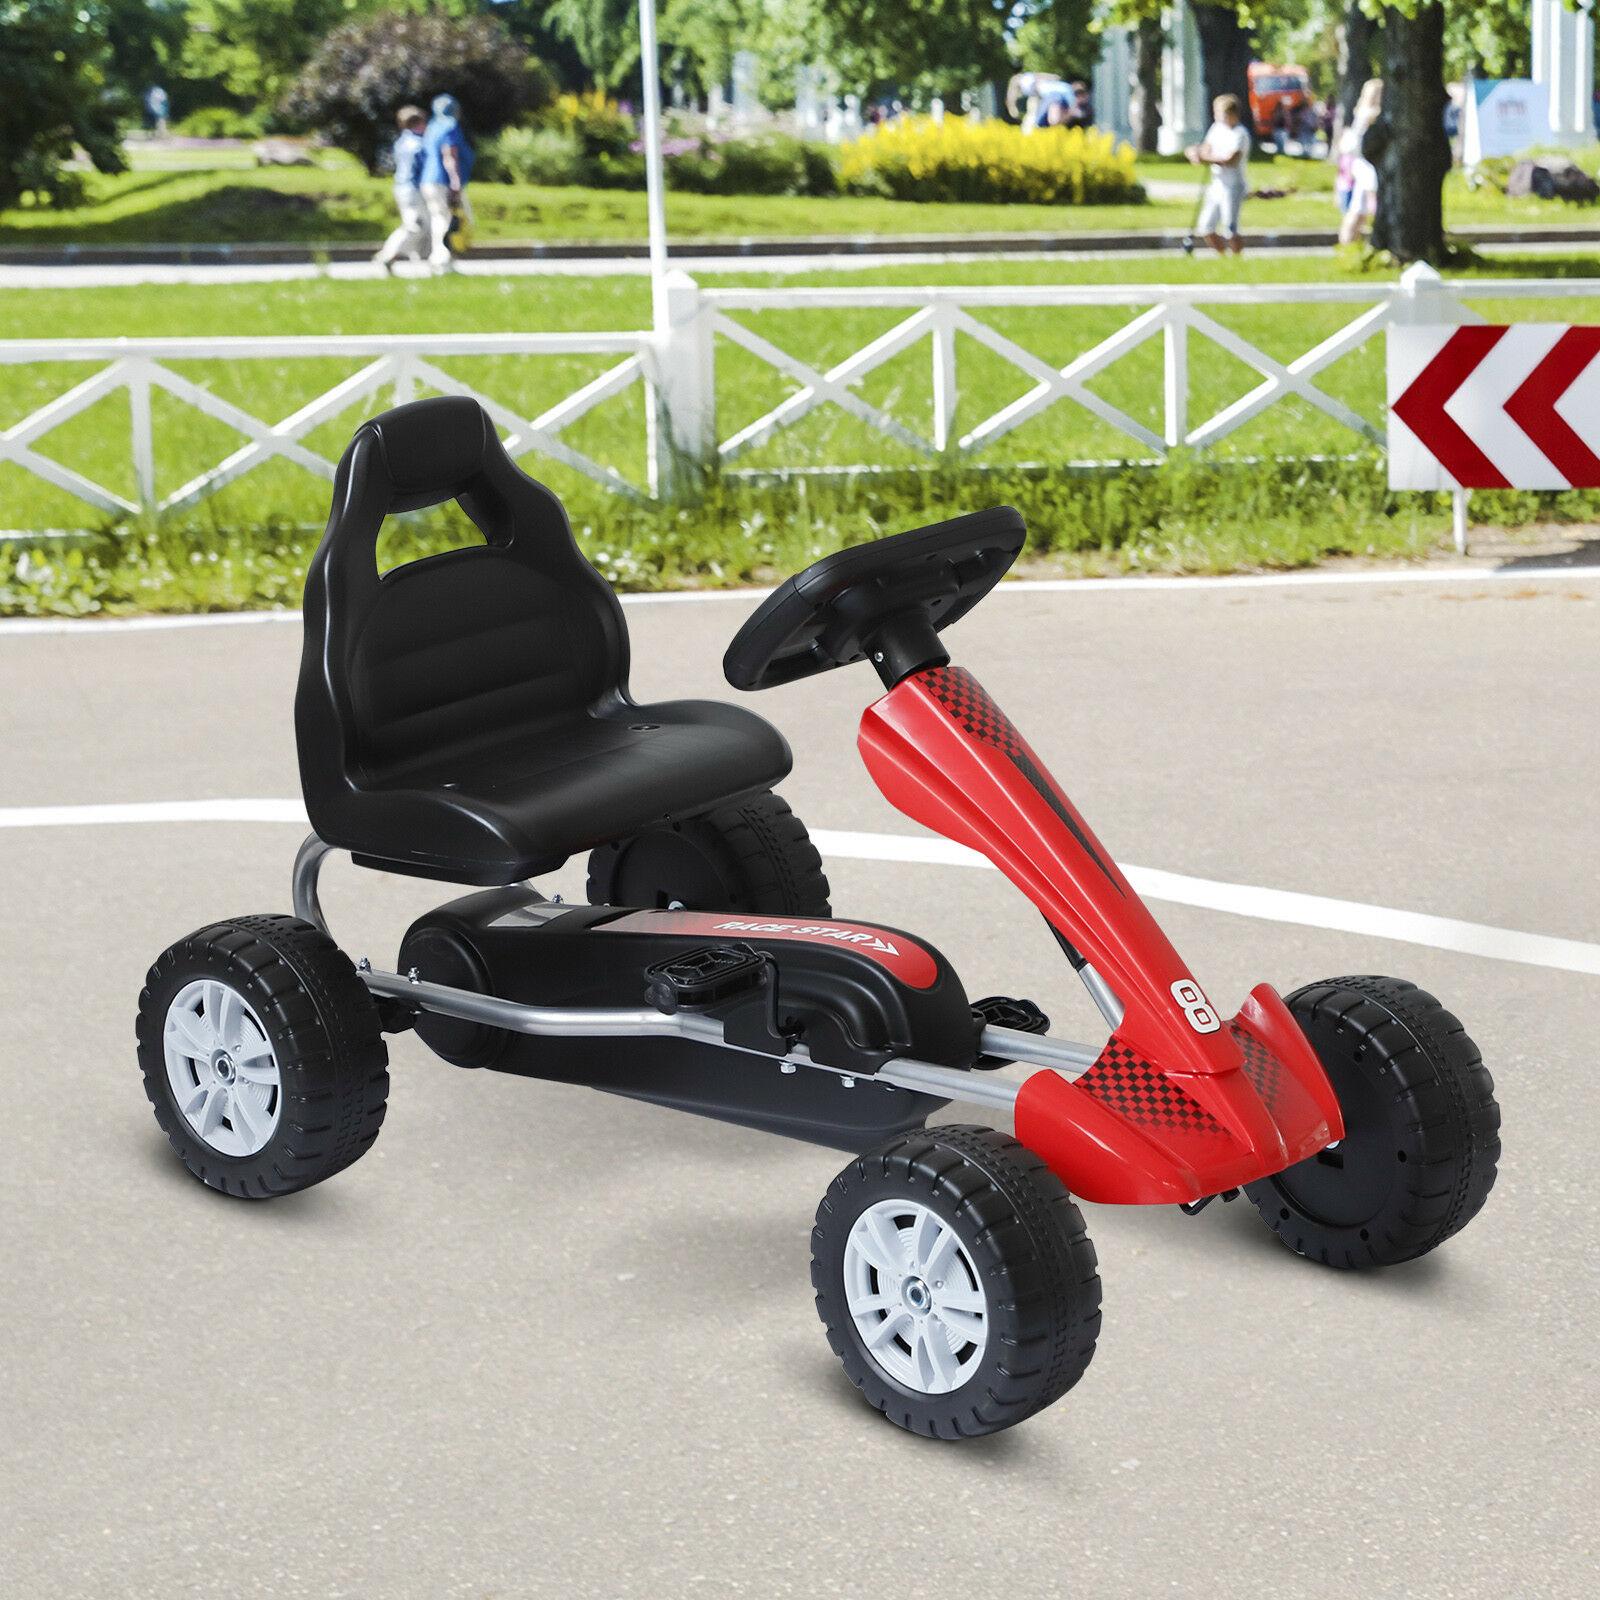 Pedal Go Kart now £29.59 delivered (UK Mainland) @ eBay / 2011homcom